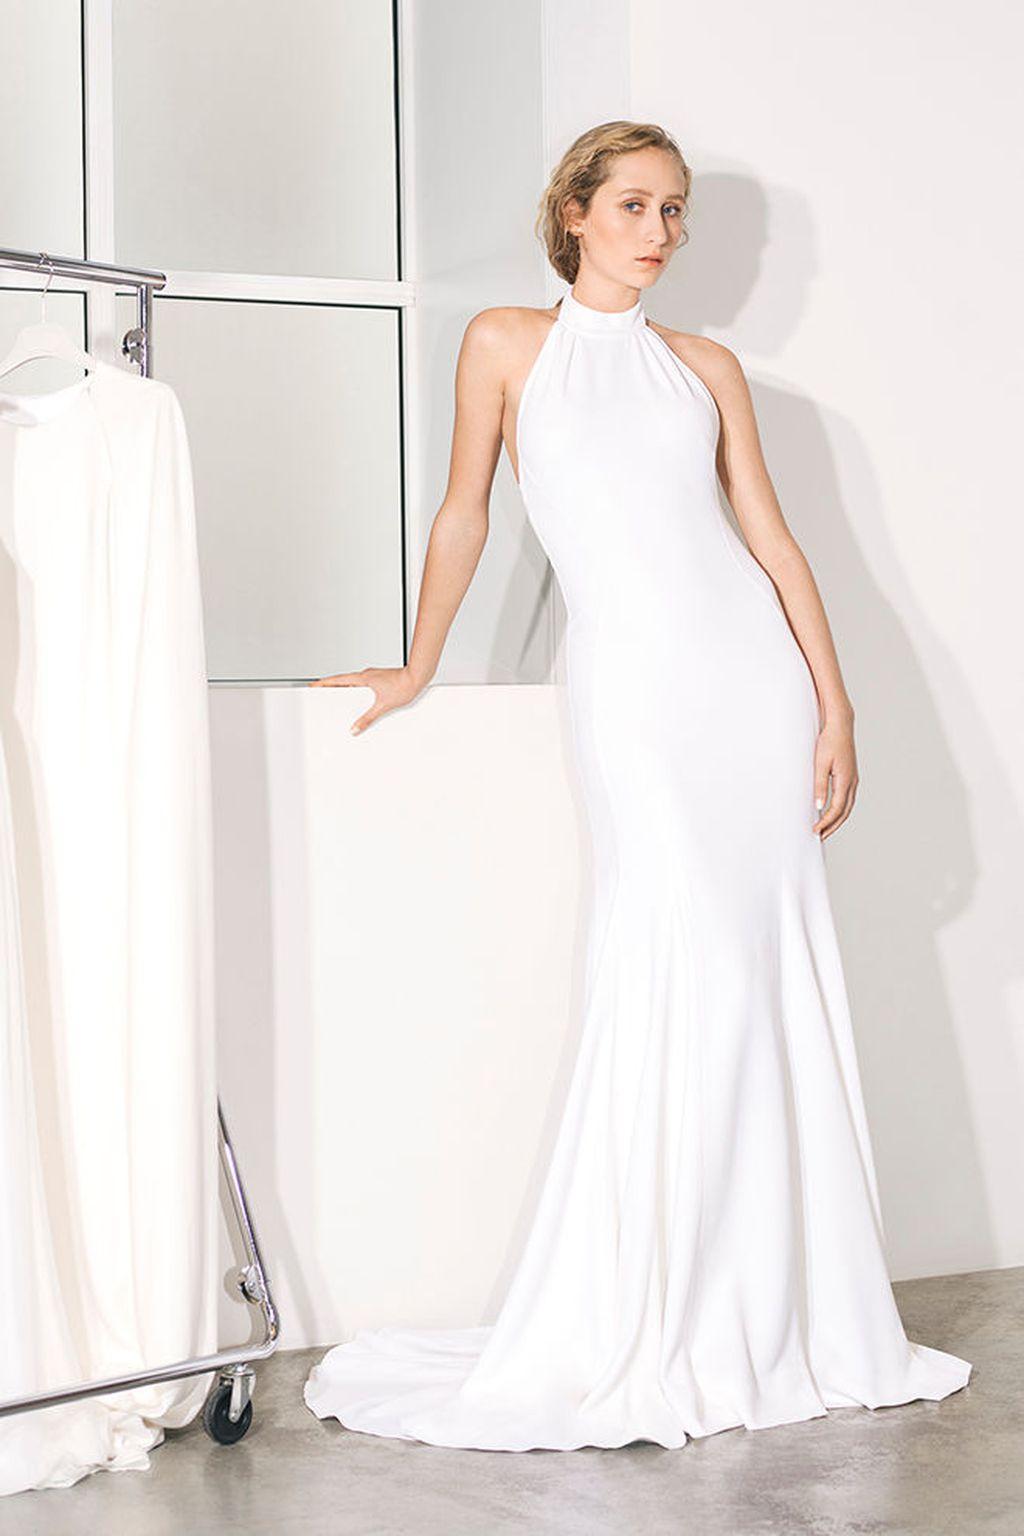 Vjenčanica inspirirana haljinom vojvotkinje dio je nove kolecije Stelle McCartney